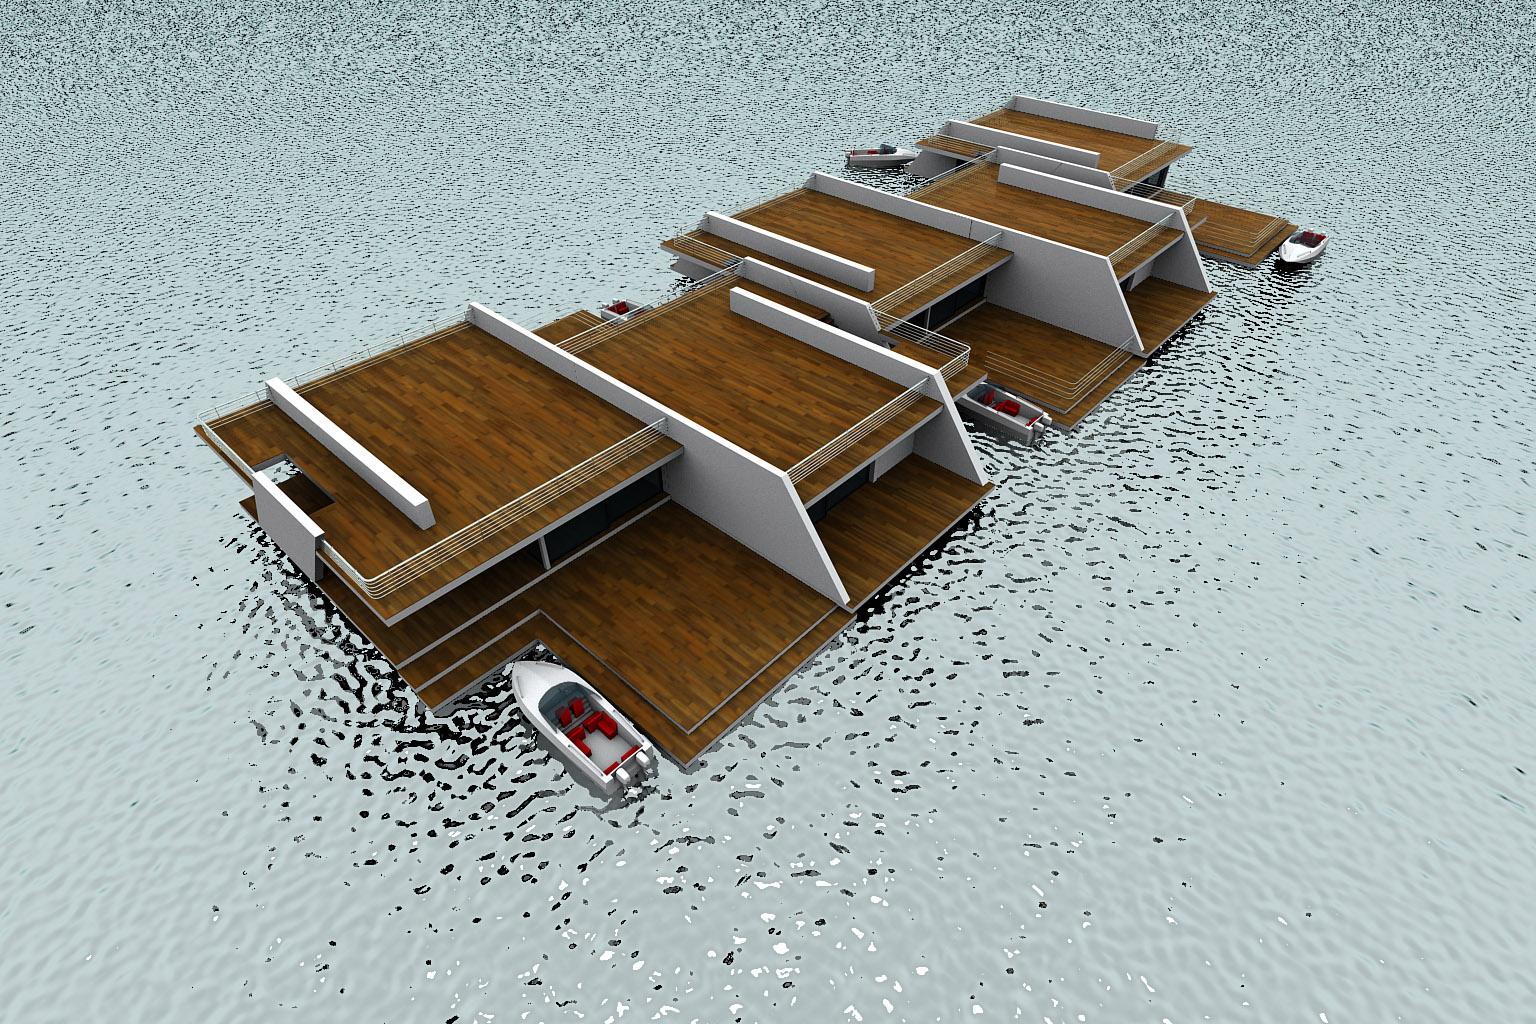 Modernist Floating Homes